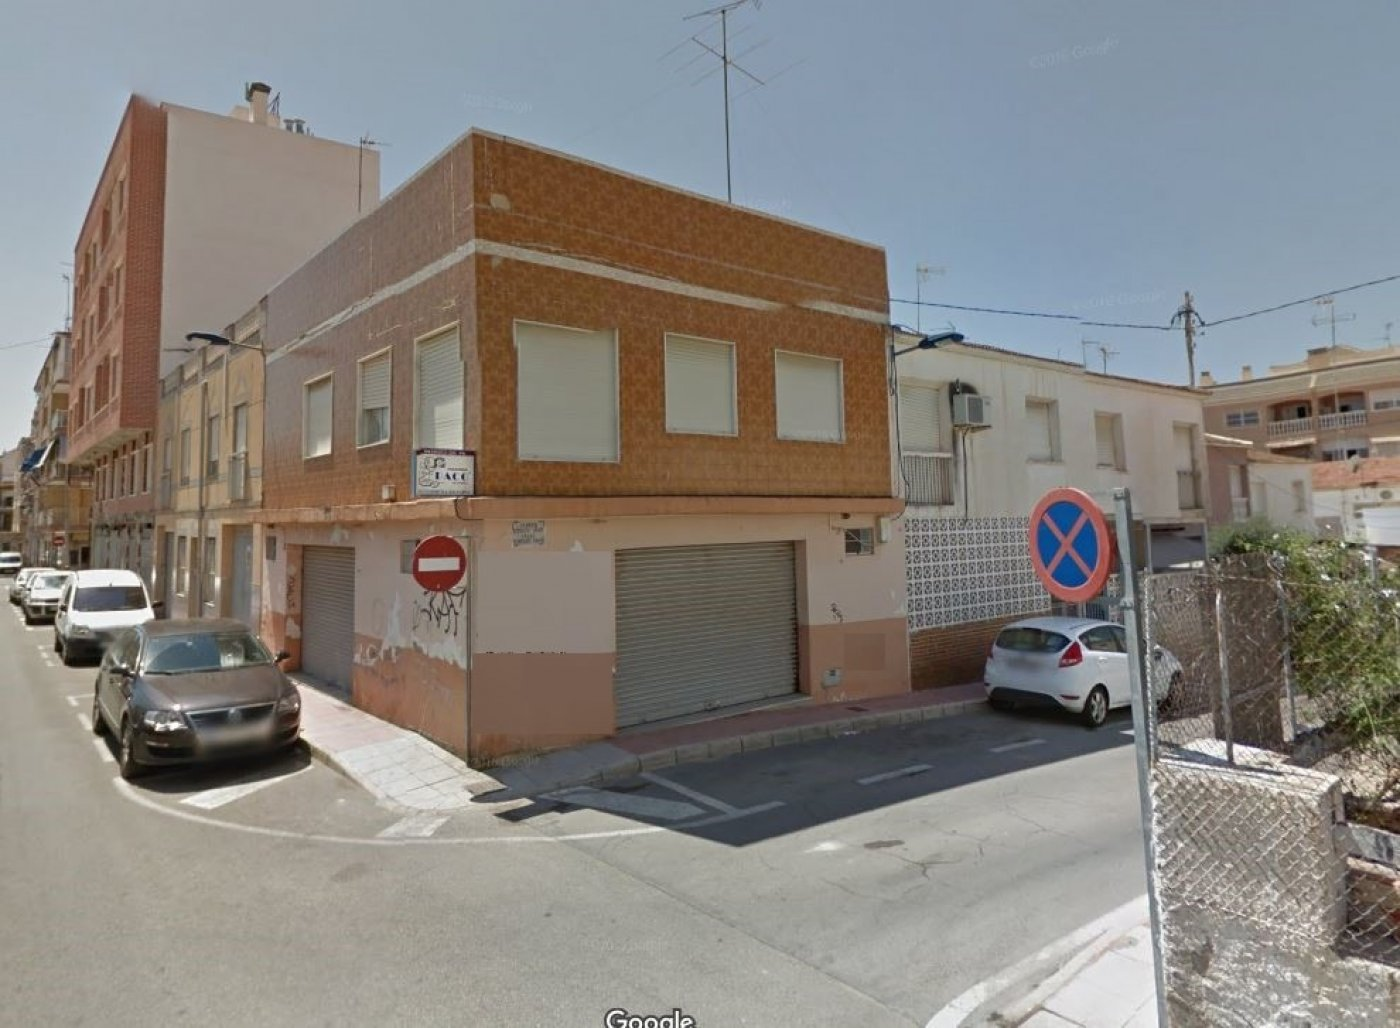 Edifici  Santa pola ,norte. Edificio en esquina en santa pola